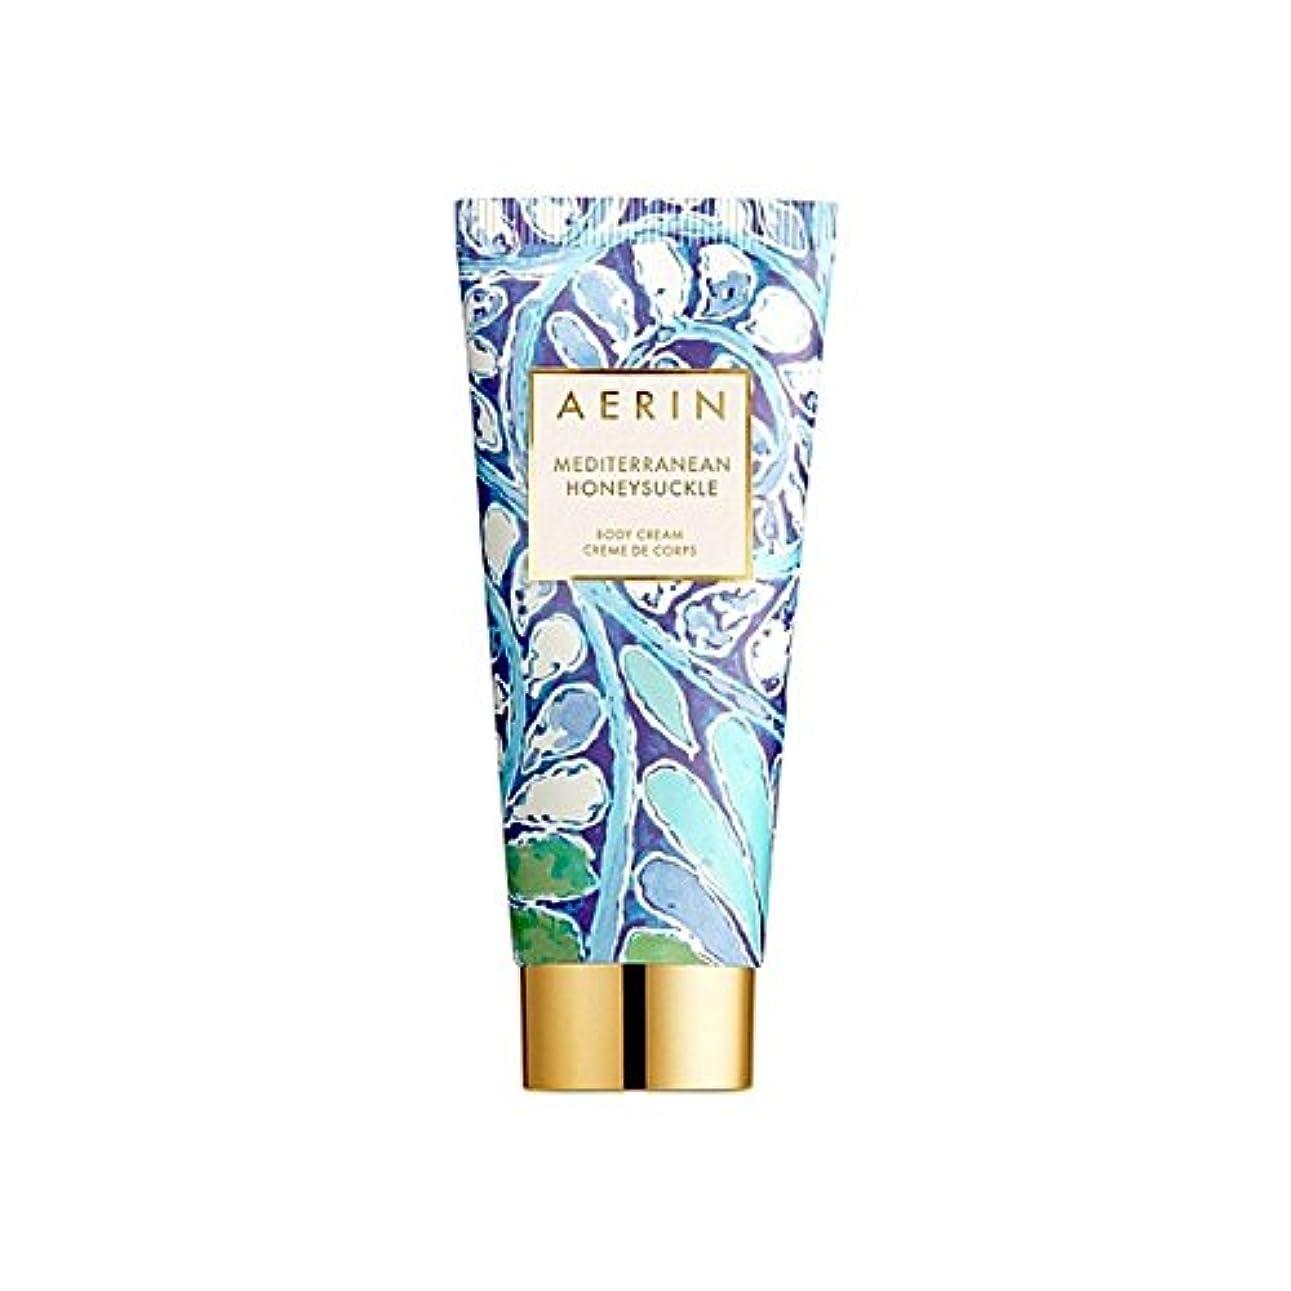 月腸列車Aerin Mediterrenean Honeysuckle Body Cream 150ml - スイカズラボディクリーム150ミリリットル [並行輸入品]